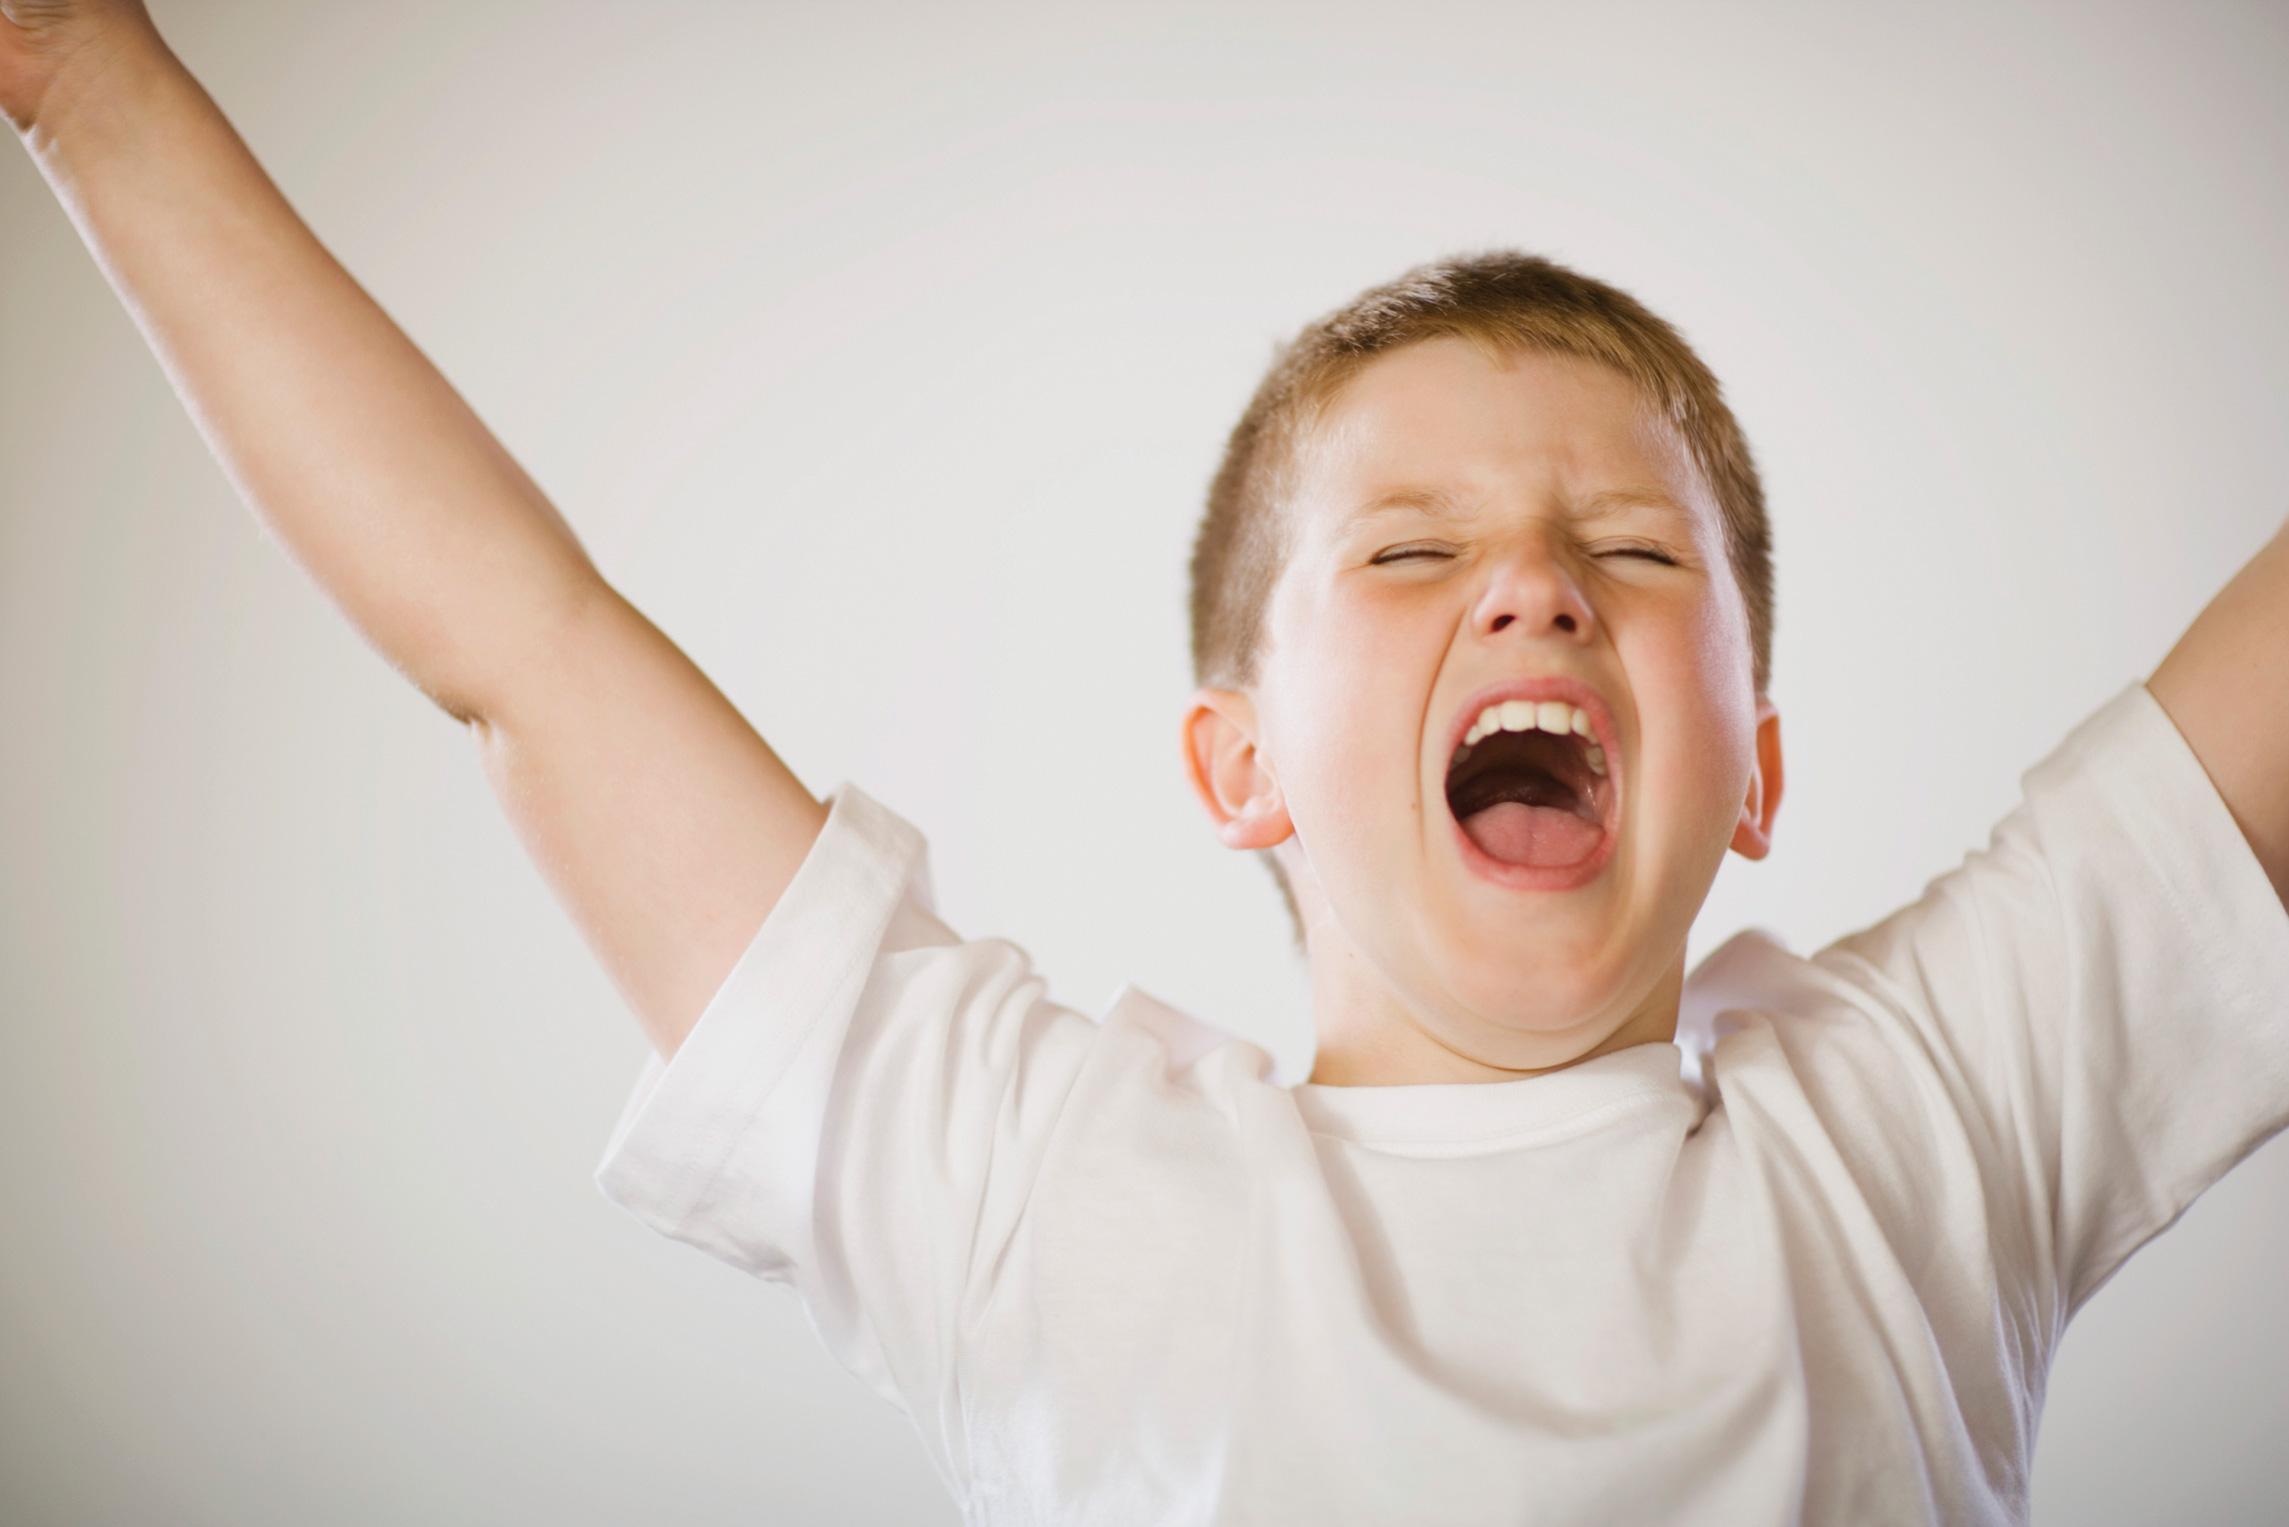 آشنایی با بیش فعالی کودکان و درمان آن